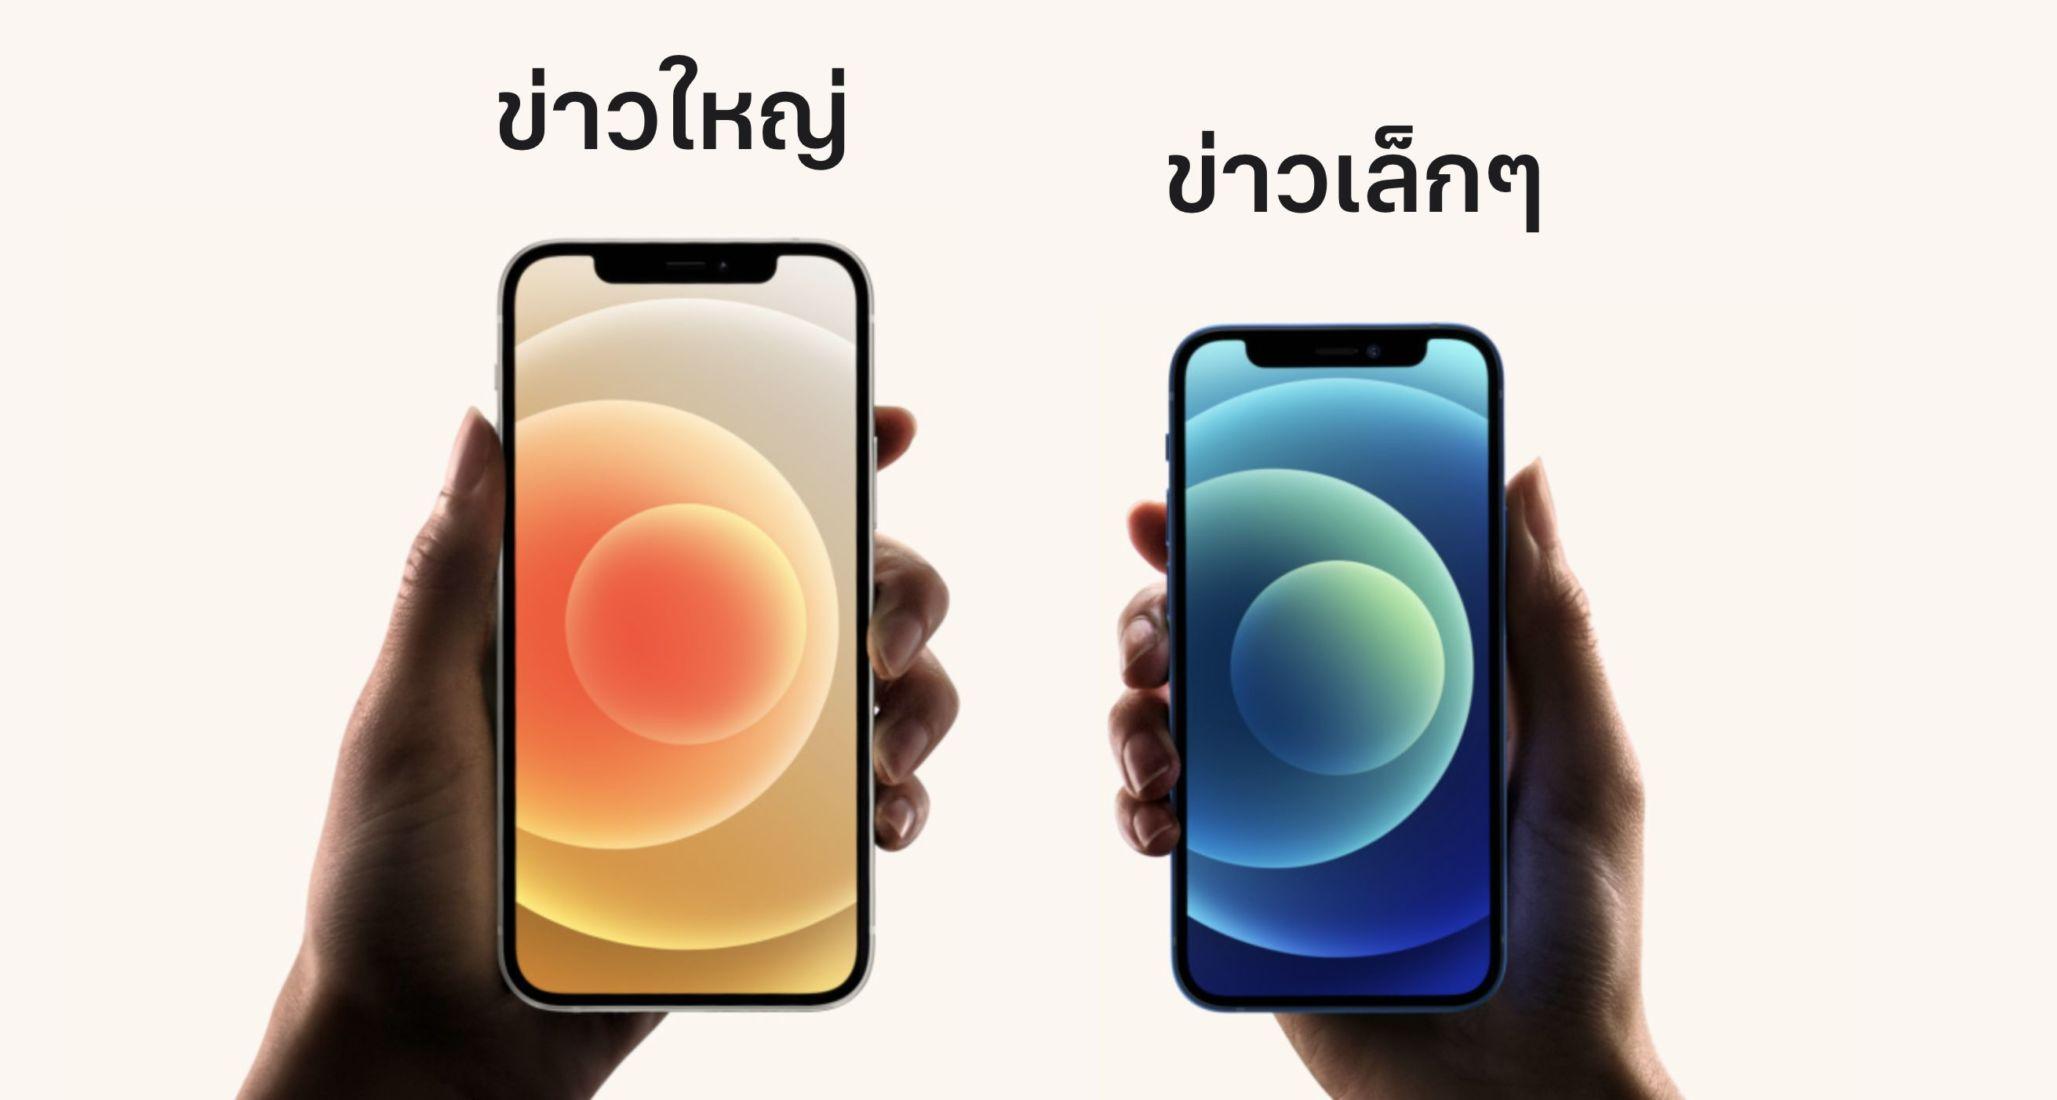 สเปค iPhone 12 และ iPhone 12 mini รุ่นเล็ก แรงล้น ราคาประหยัด | ข่าวโดย Tadoo